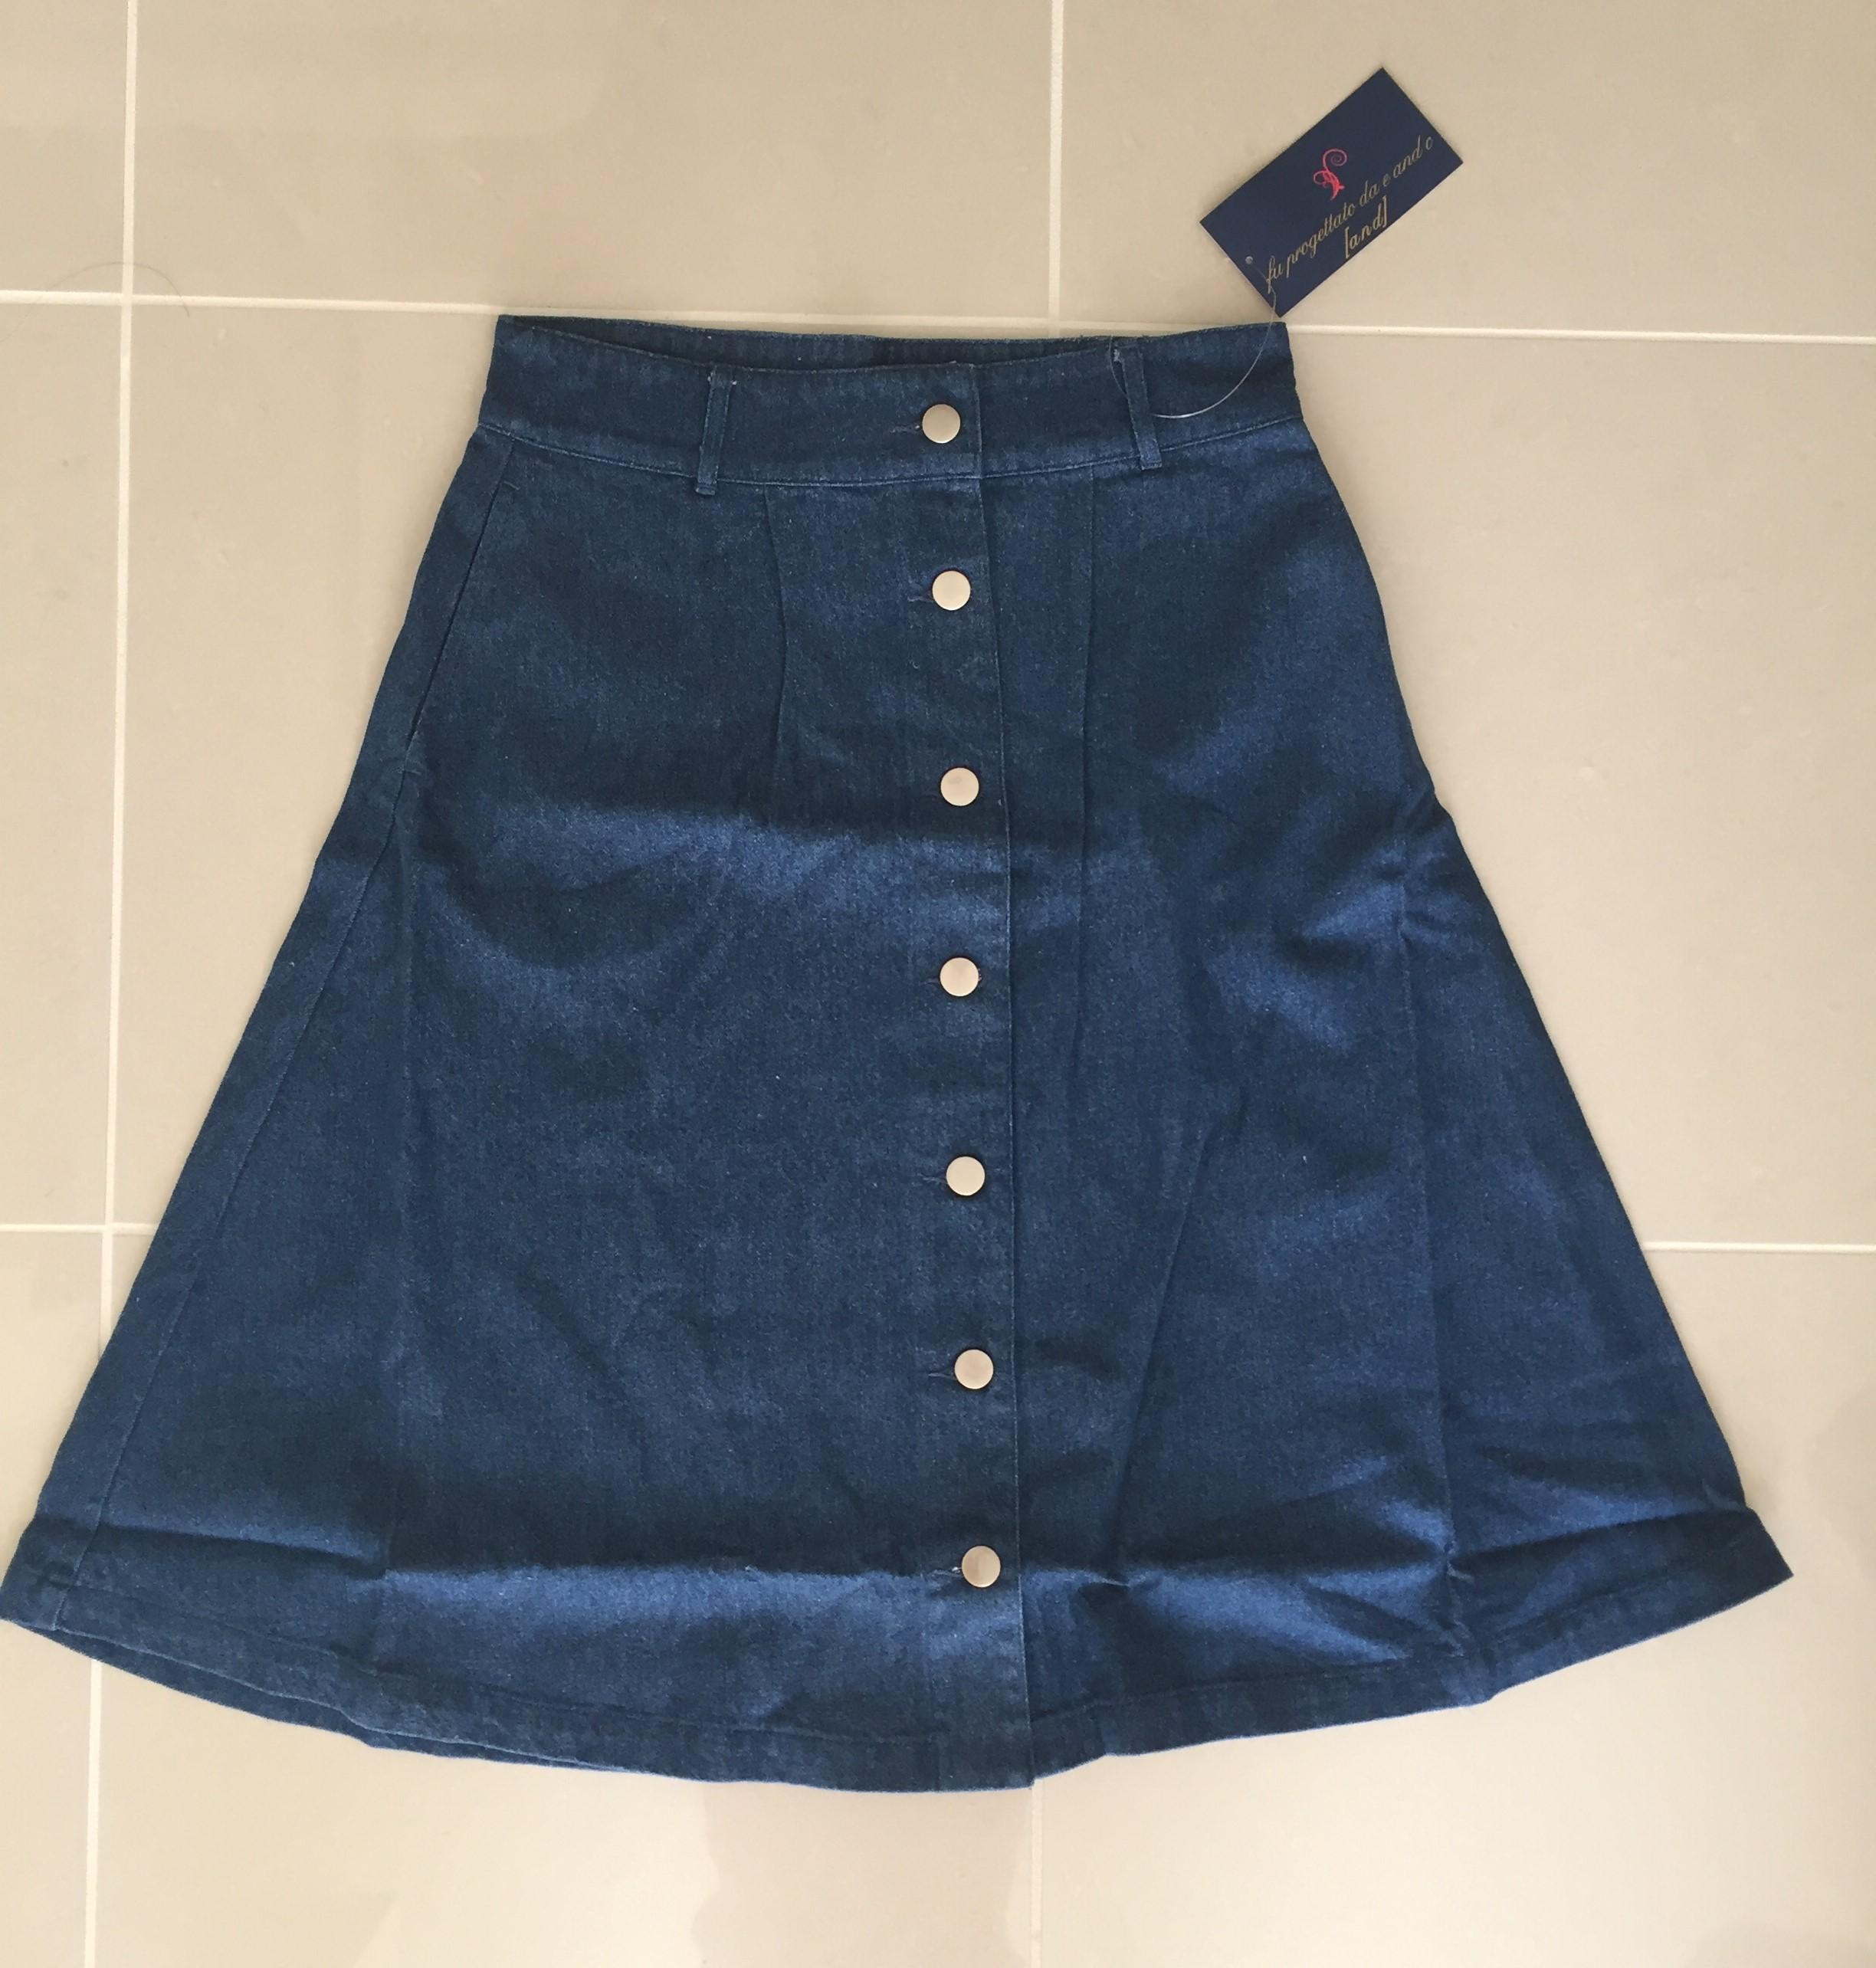 デニムのようなしっかり生地のミモレ丈サーキュラースカートがあなたの【Aライン】を際立たせます